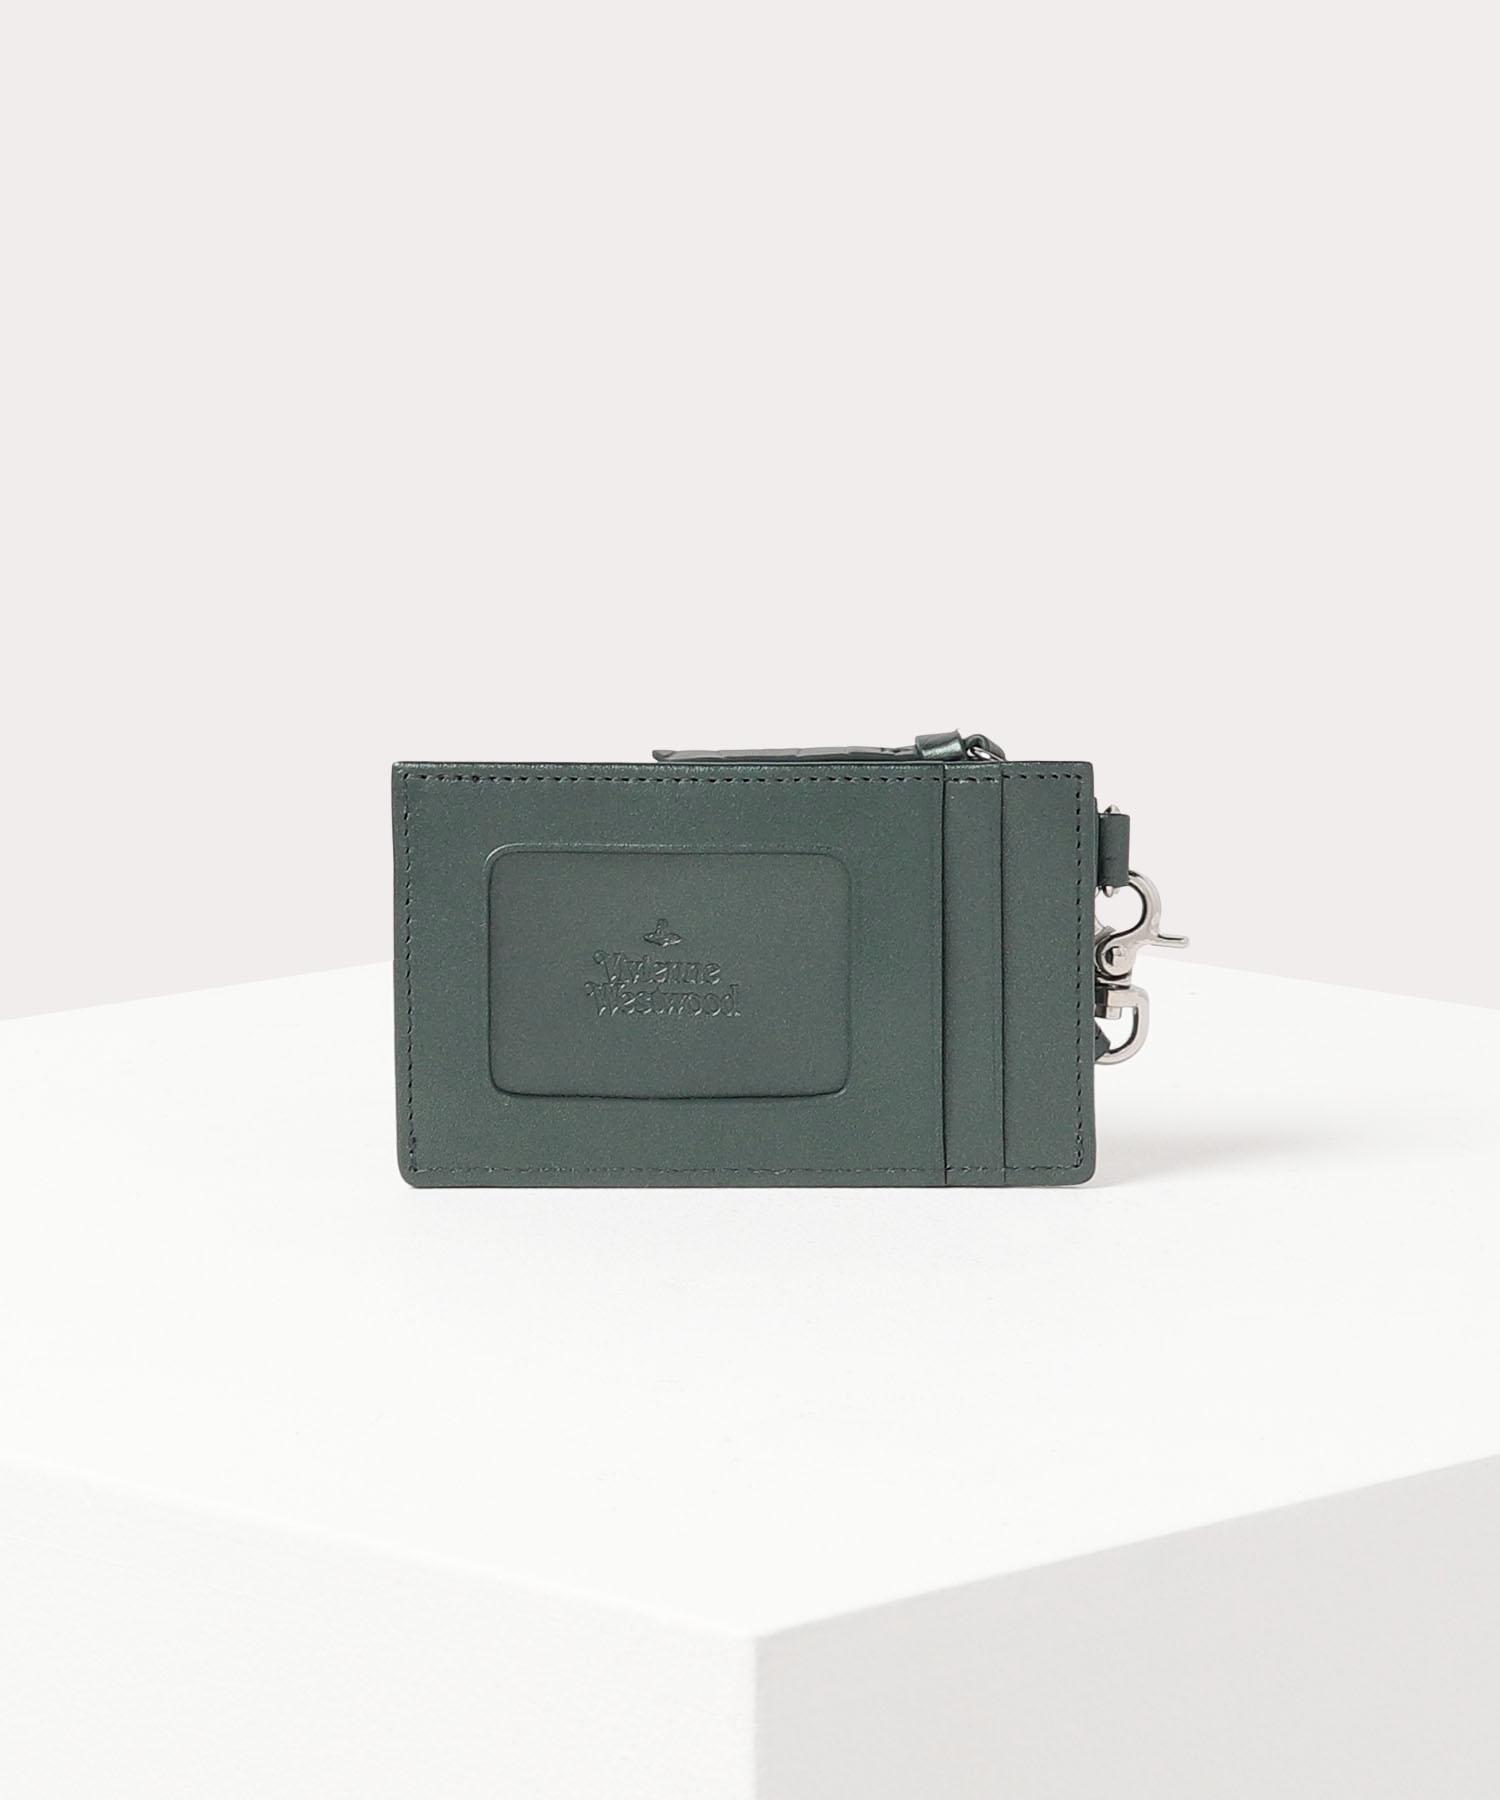 ブライダルボックス ストラップ付パスケース